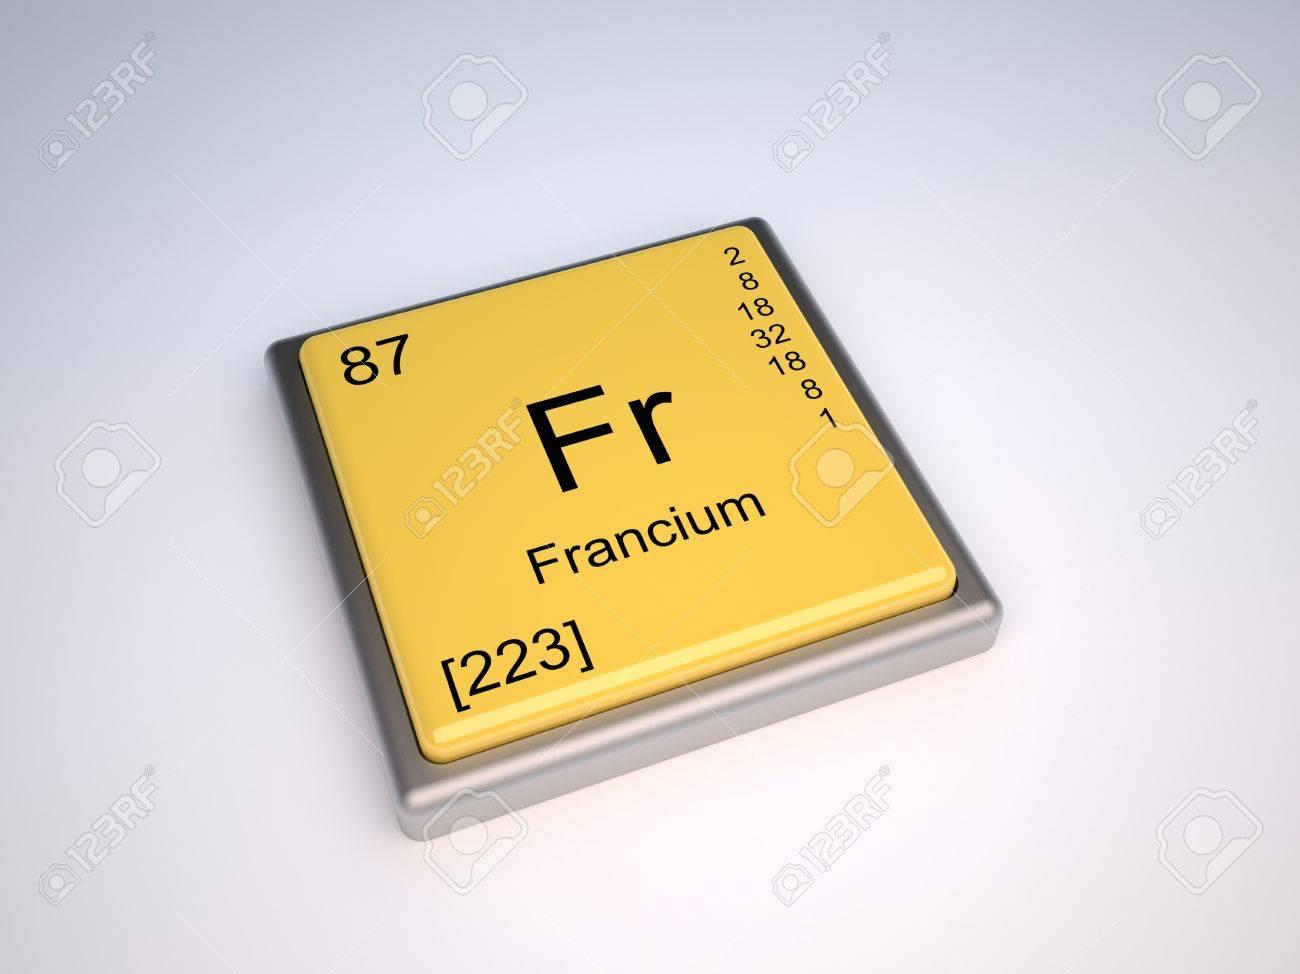 Francio elemento qumico de la tabla peridica con el smbolo p foto de archivo francio elemento qumico de la tabla peridica con el smbolo p urtaz Images